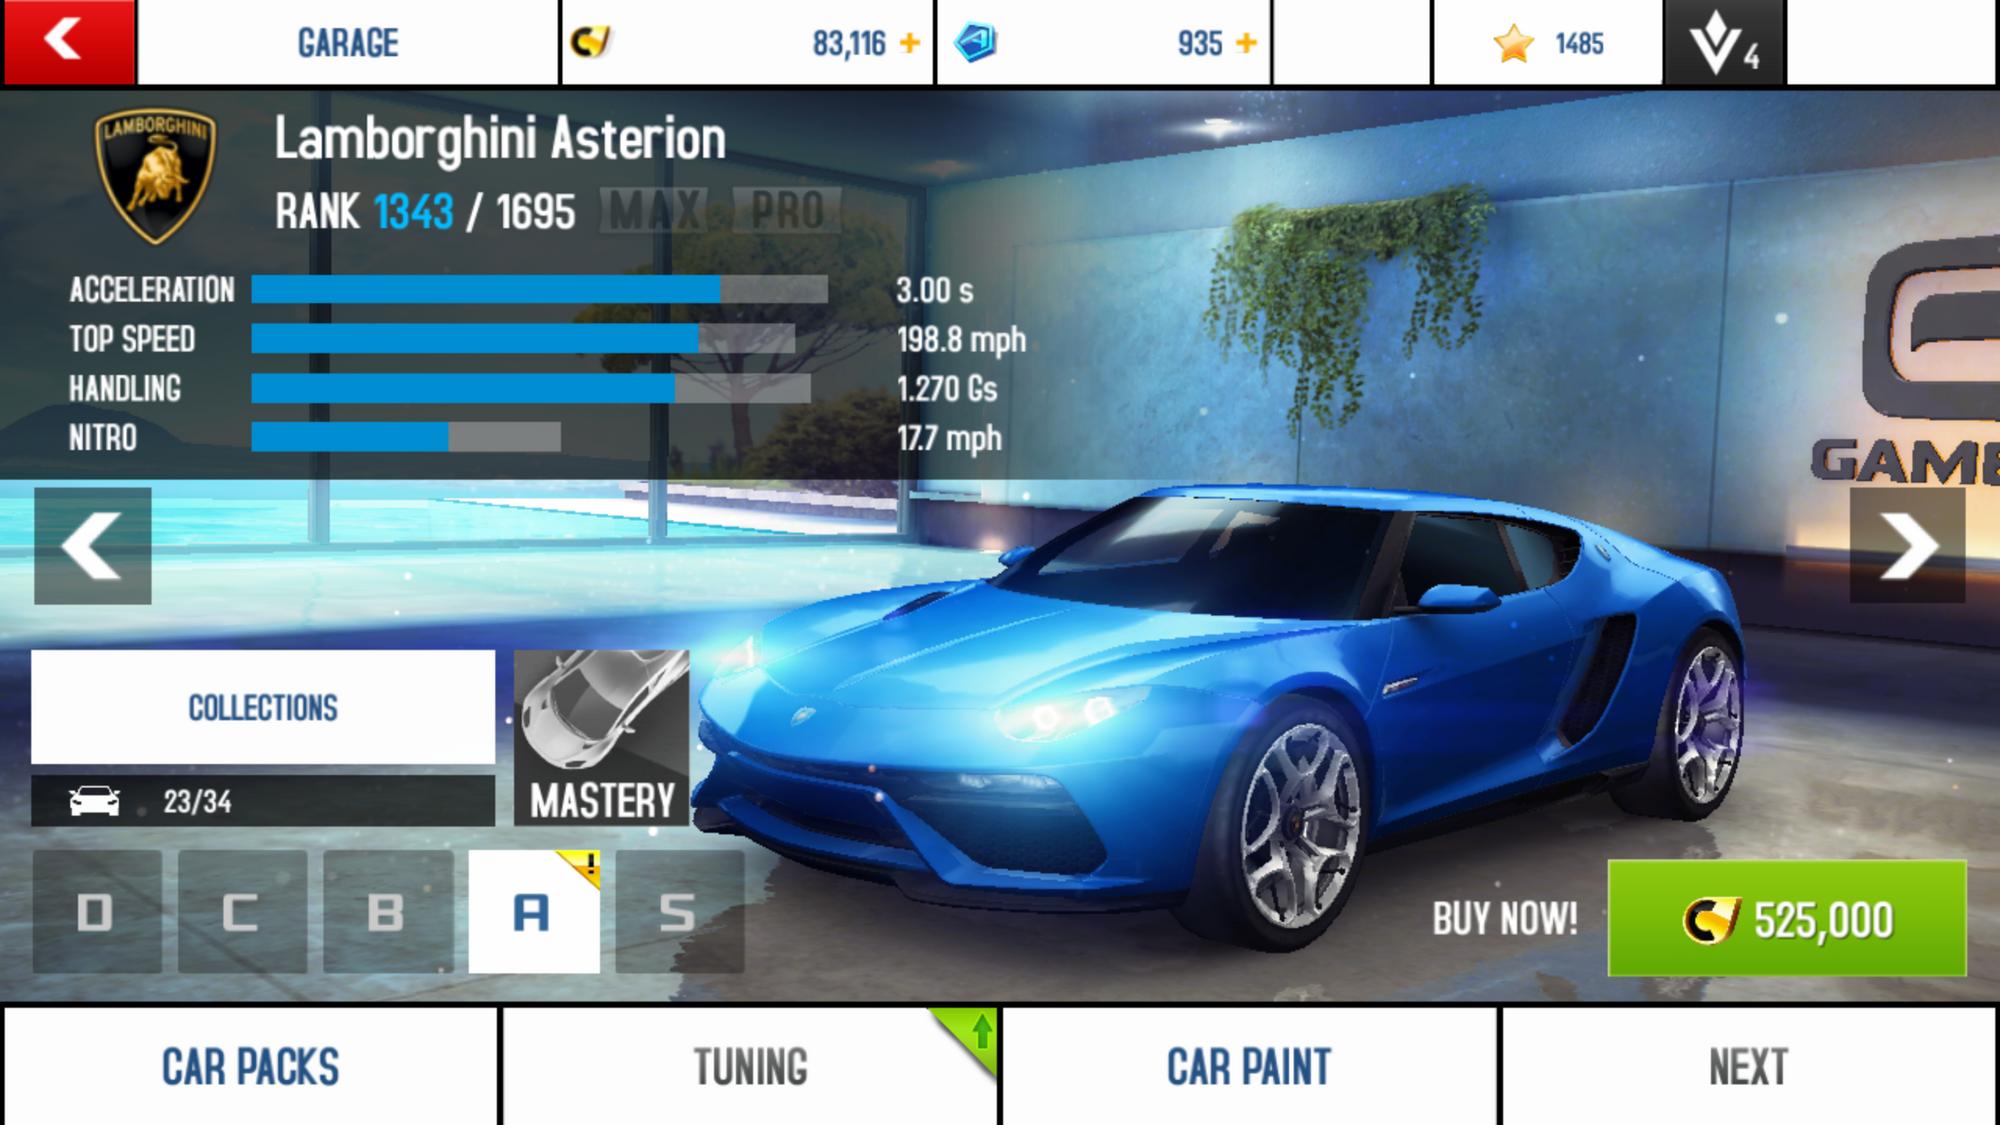 Lamborghini Asterion\Performance Stats